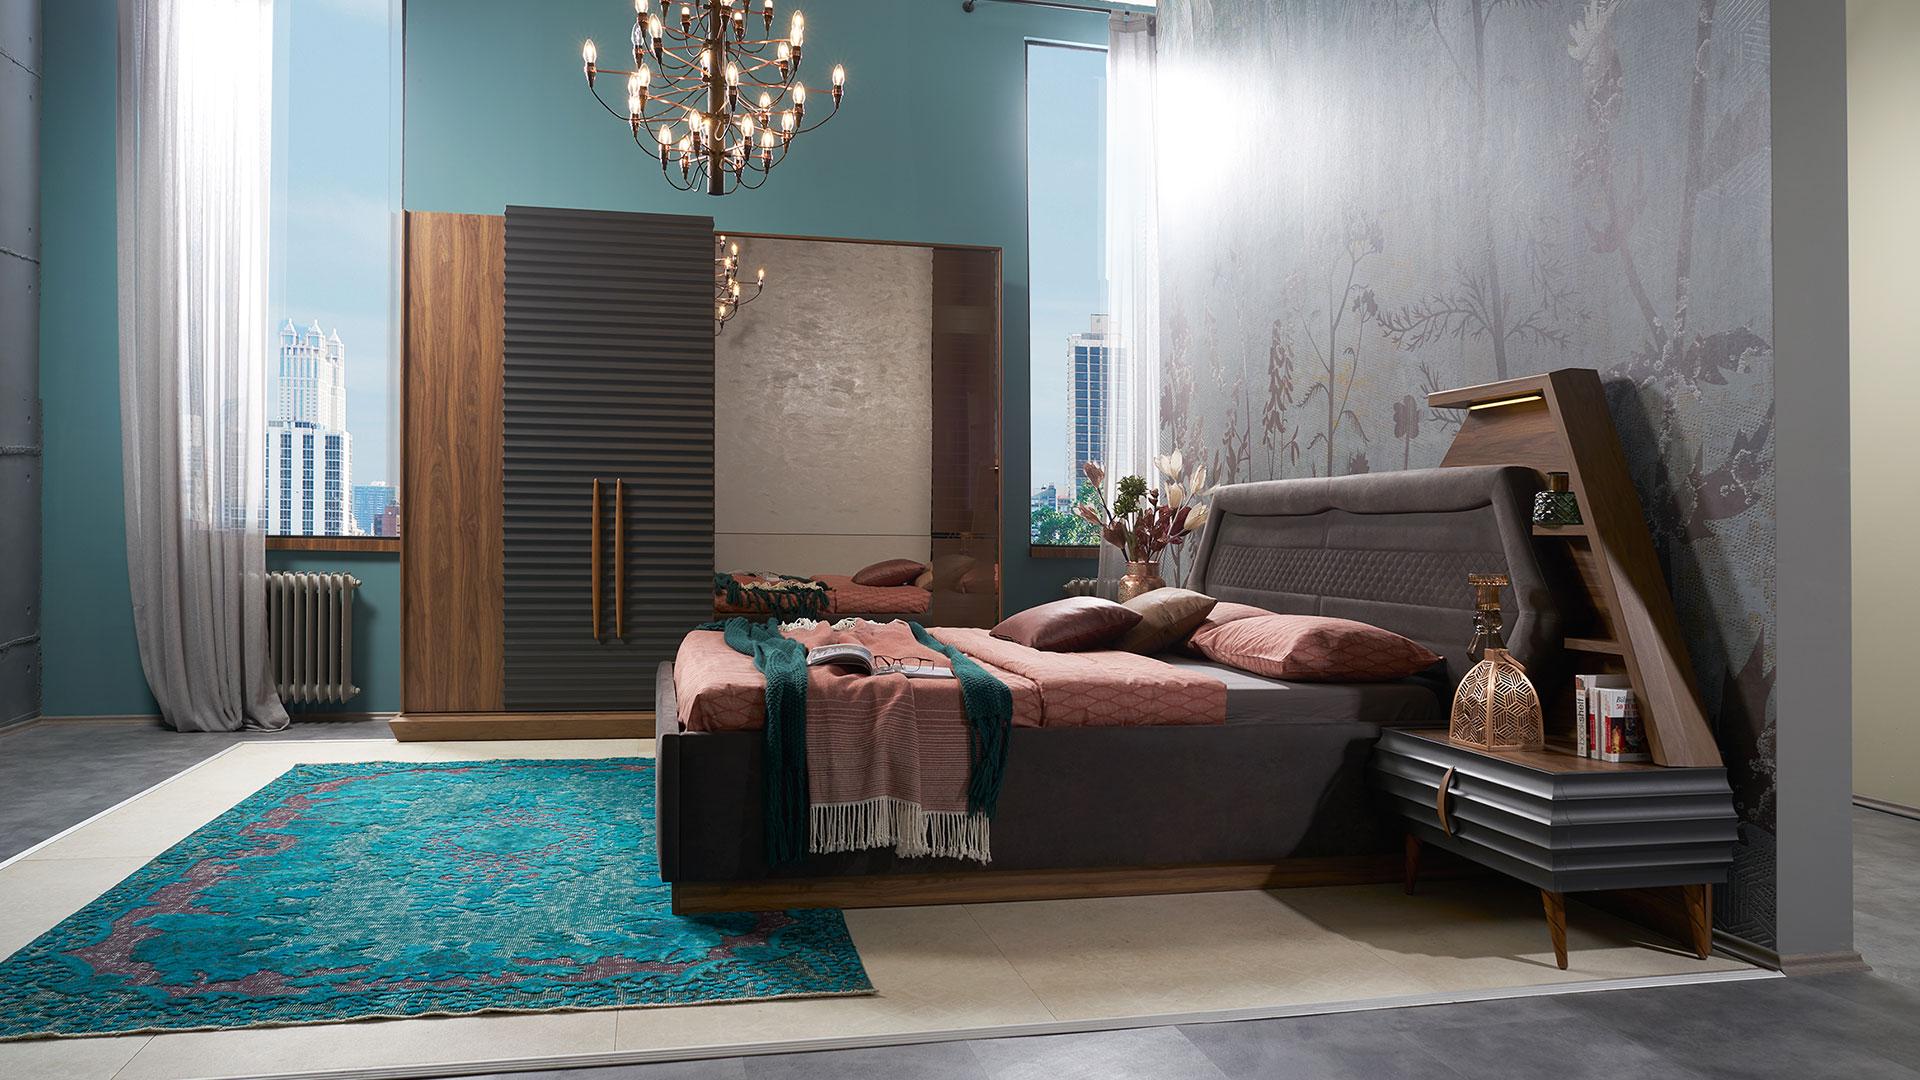 احدث تصميمات غرف نوم حديثه 2019 ديكور ابداع Decor Epda3